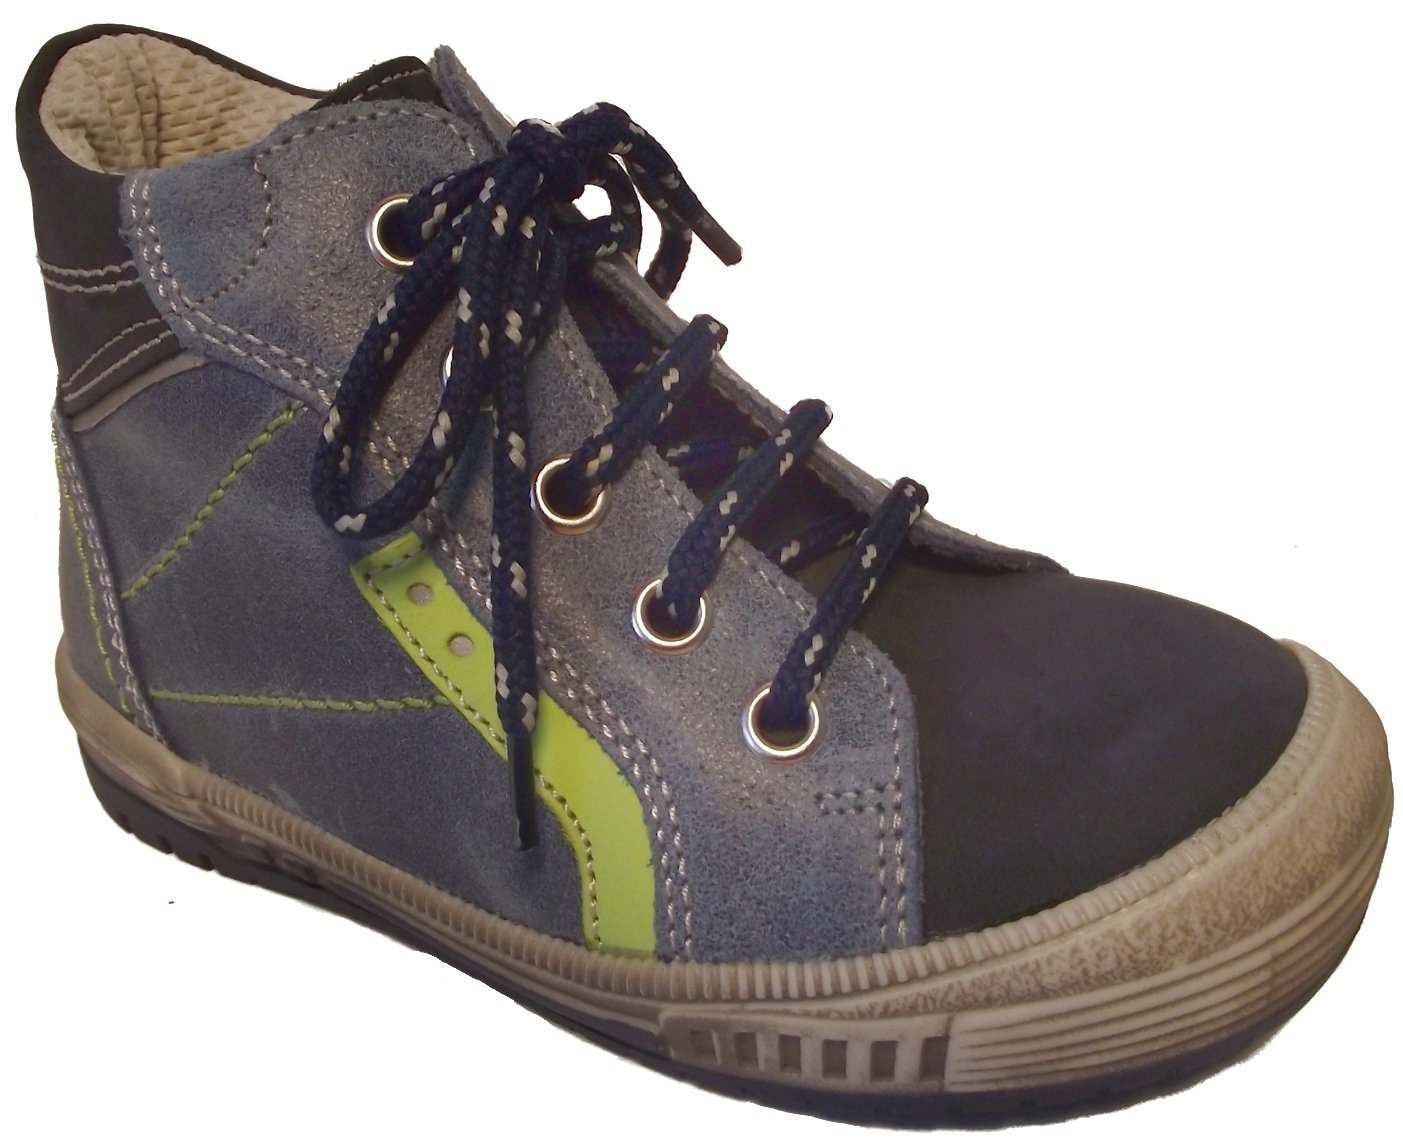 Dětské celoroční boty Essi S 2545 modrá Velikost: 23 (EU)